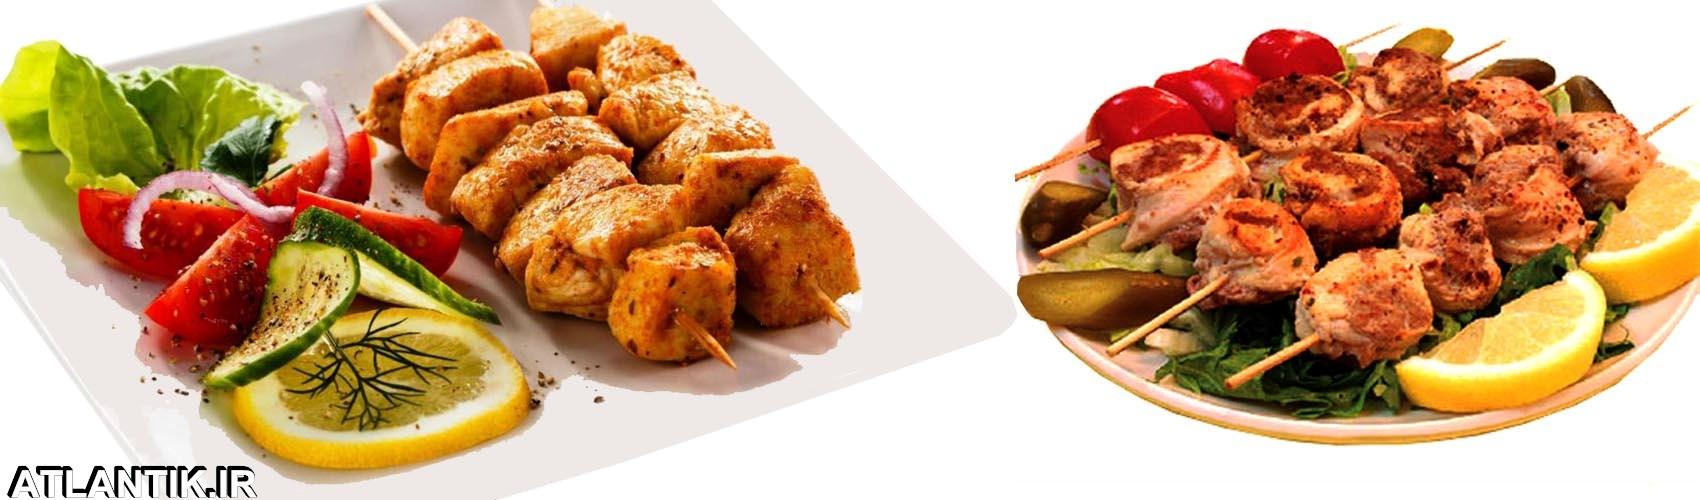 دستور پخت کباب مرغ، سایت آشپزی آتلانتیک